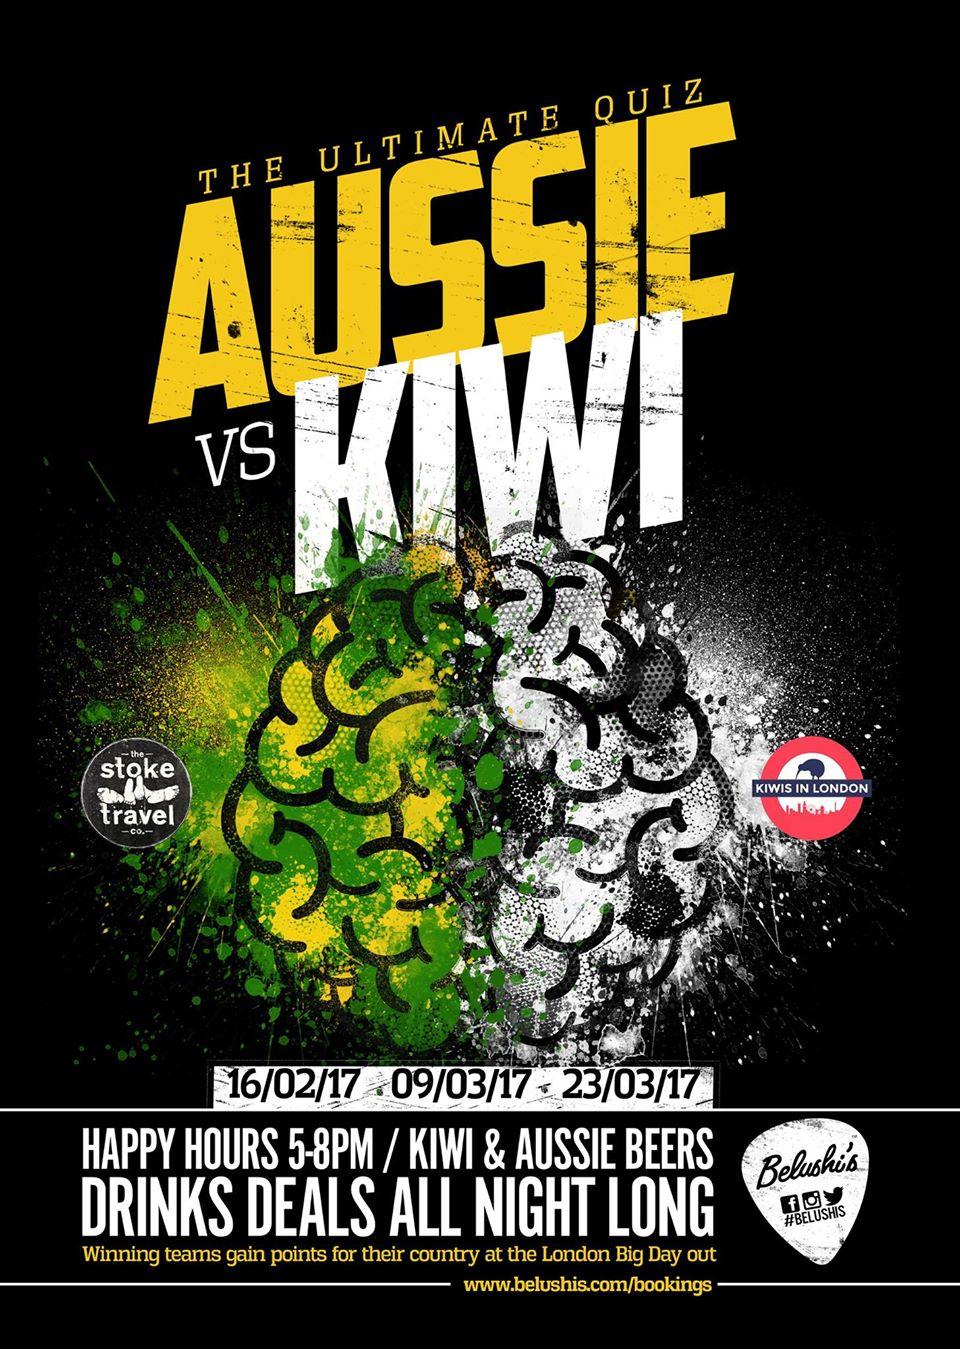 Aussie v Kiwi quiz challenge